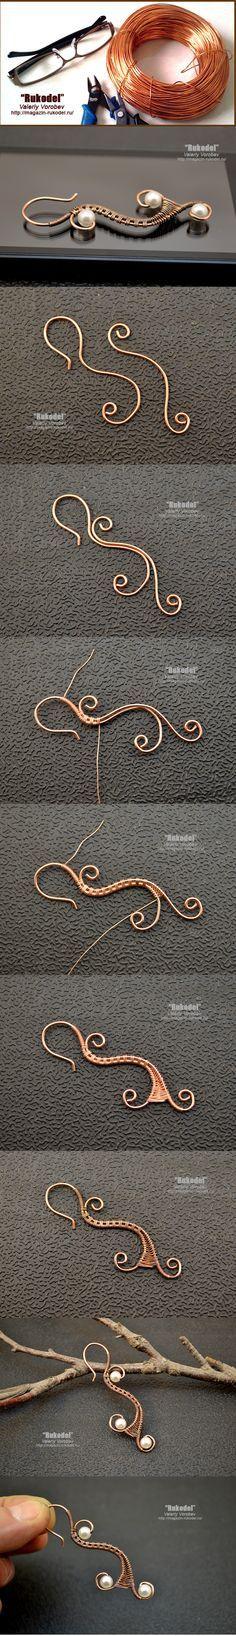 Wire Wrapped Earrings - http://magazin-rukodel.ru/?p=4388